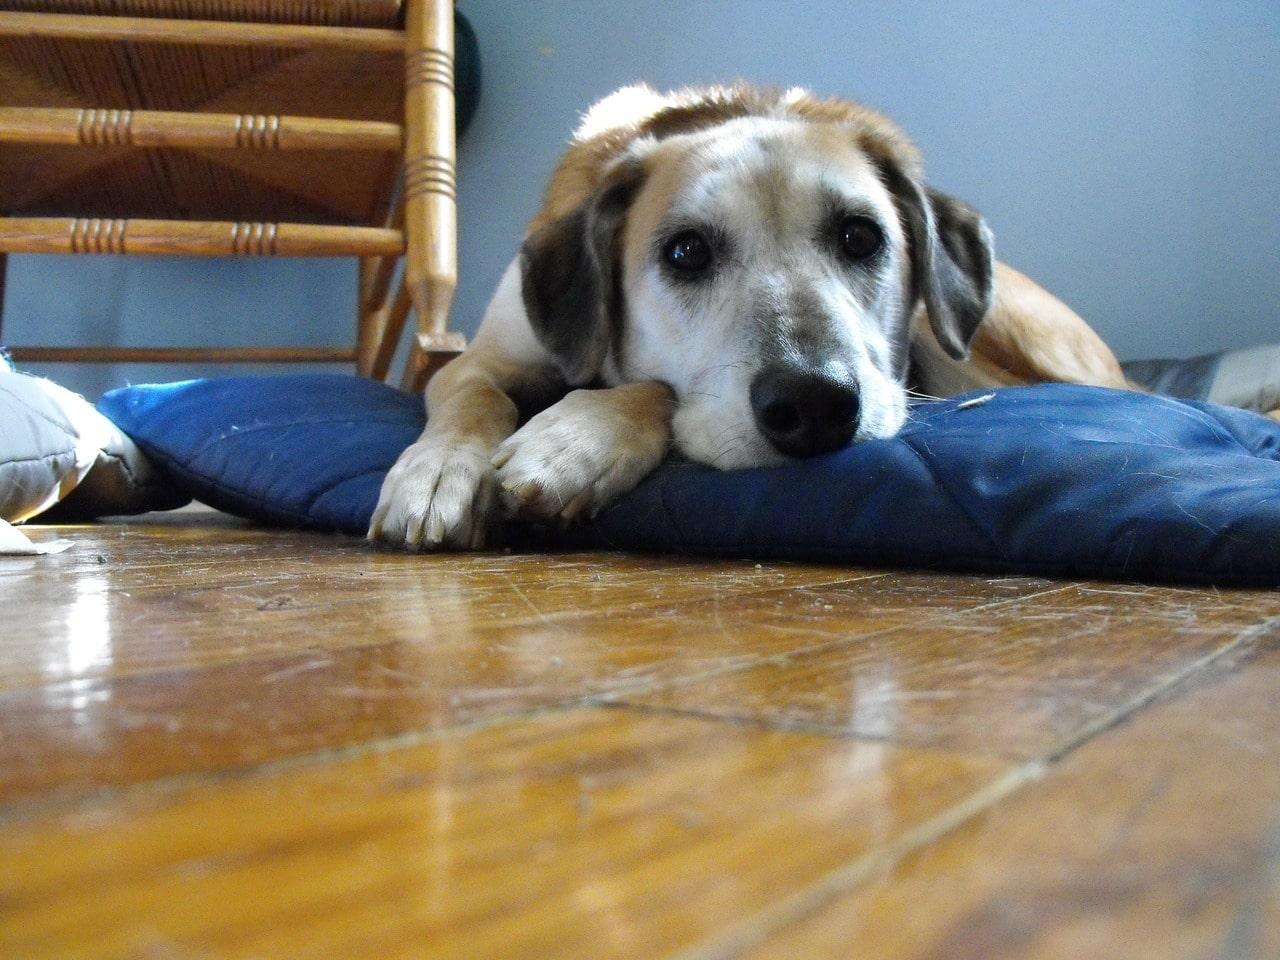 Den Hund alleine lassen - ein Rückzugsort kann helfen.